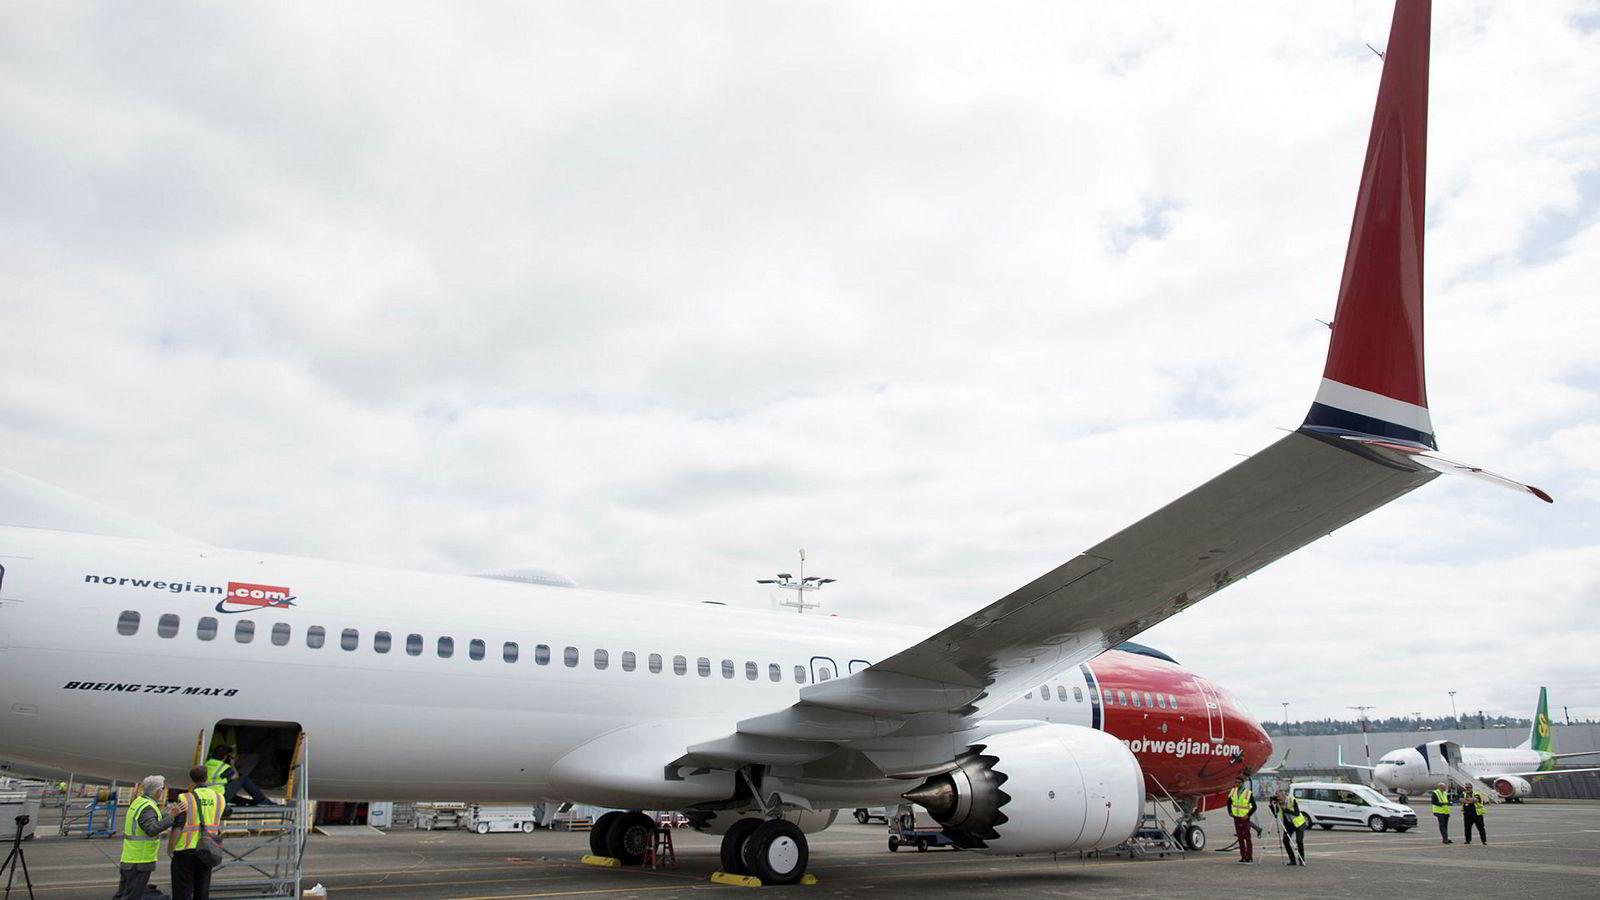 Boeings flymodell 737 Max har lenge stått på bakken, nå kutter Norwegian sine transatlantiske flyvninger med flymodellen.